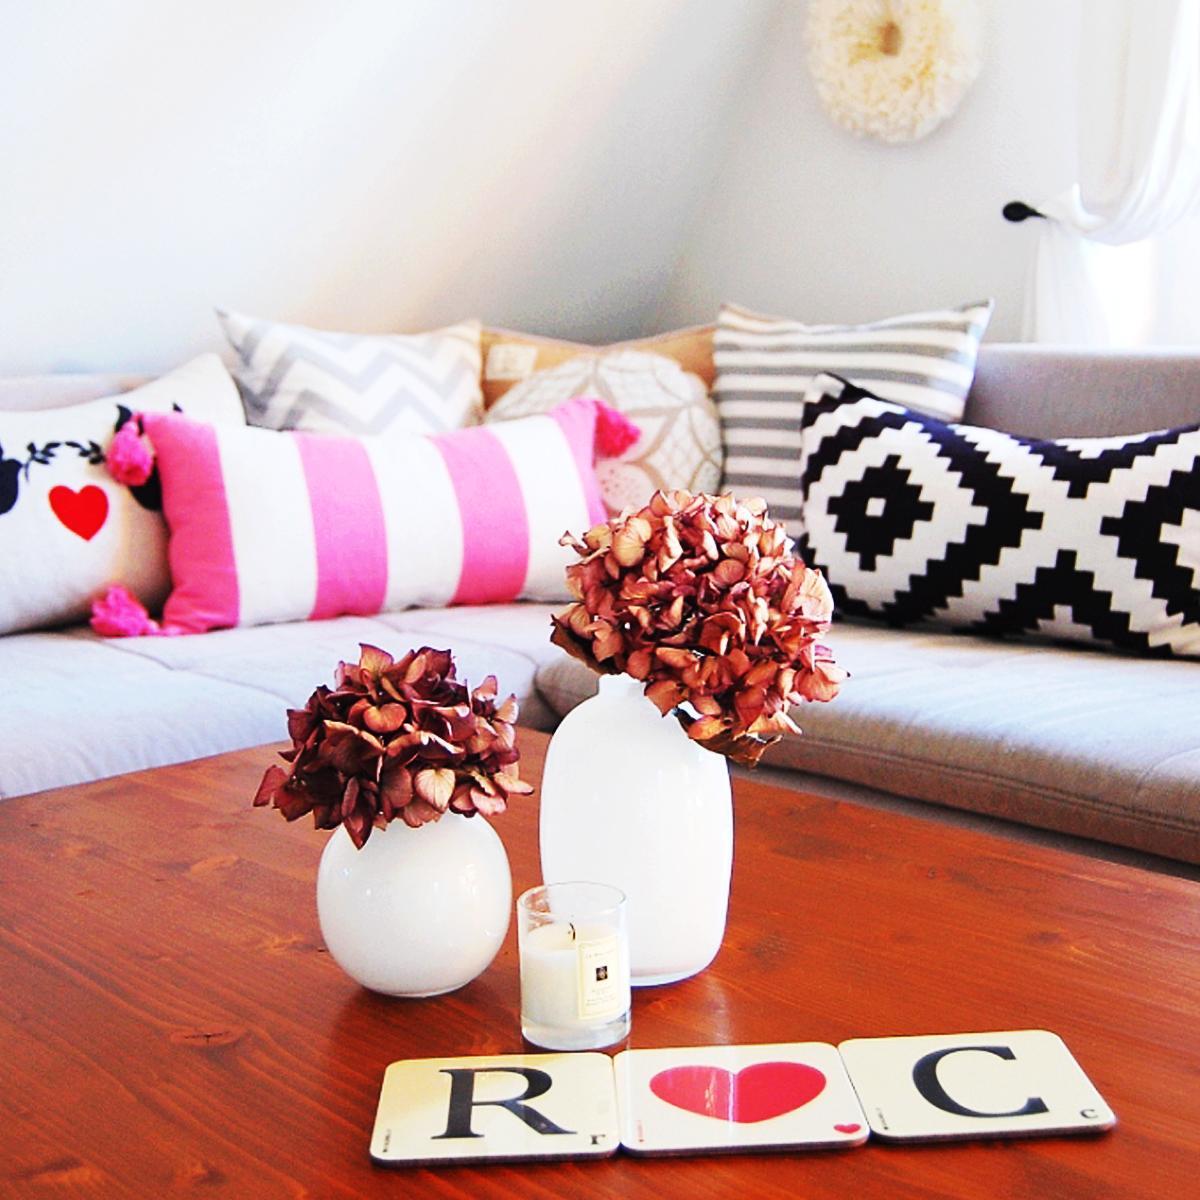 Sitzecke Wohnzimmer Kissen C 1aliving Couch